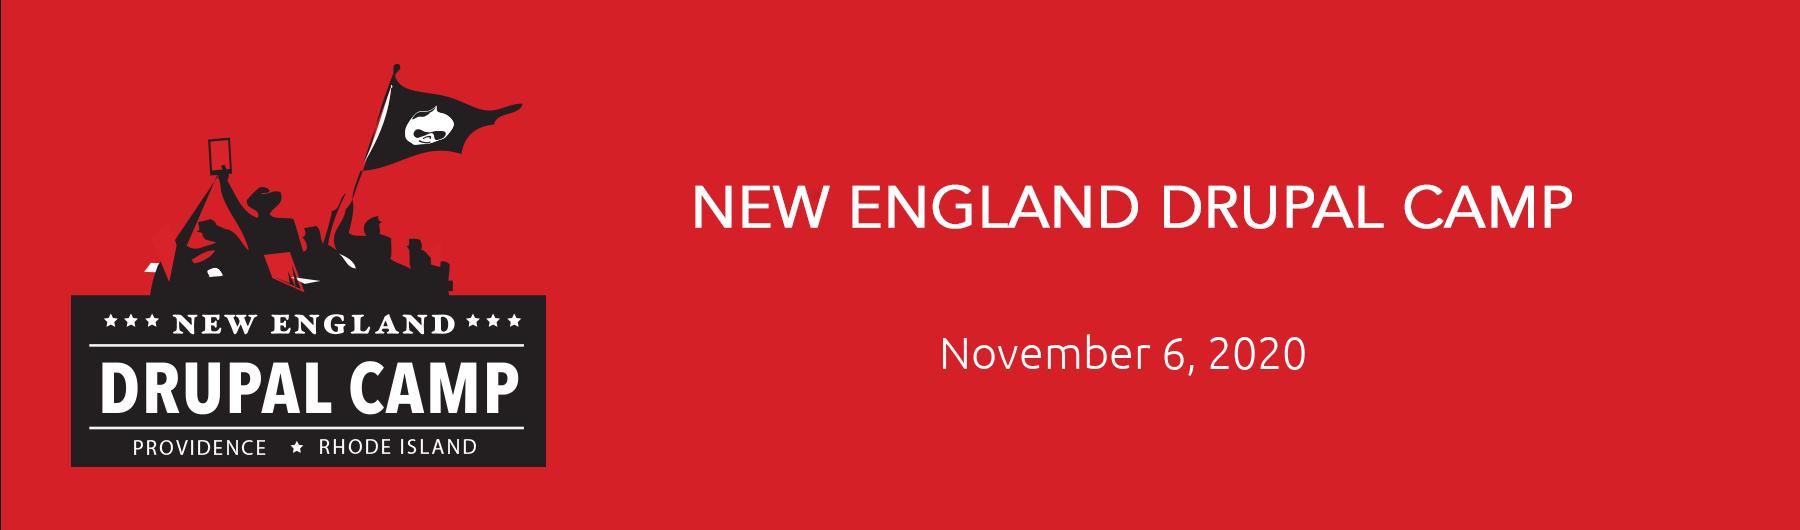 New England Drupal Camp Registration 2020